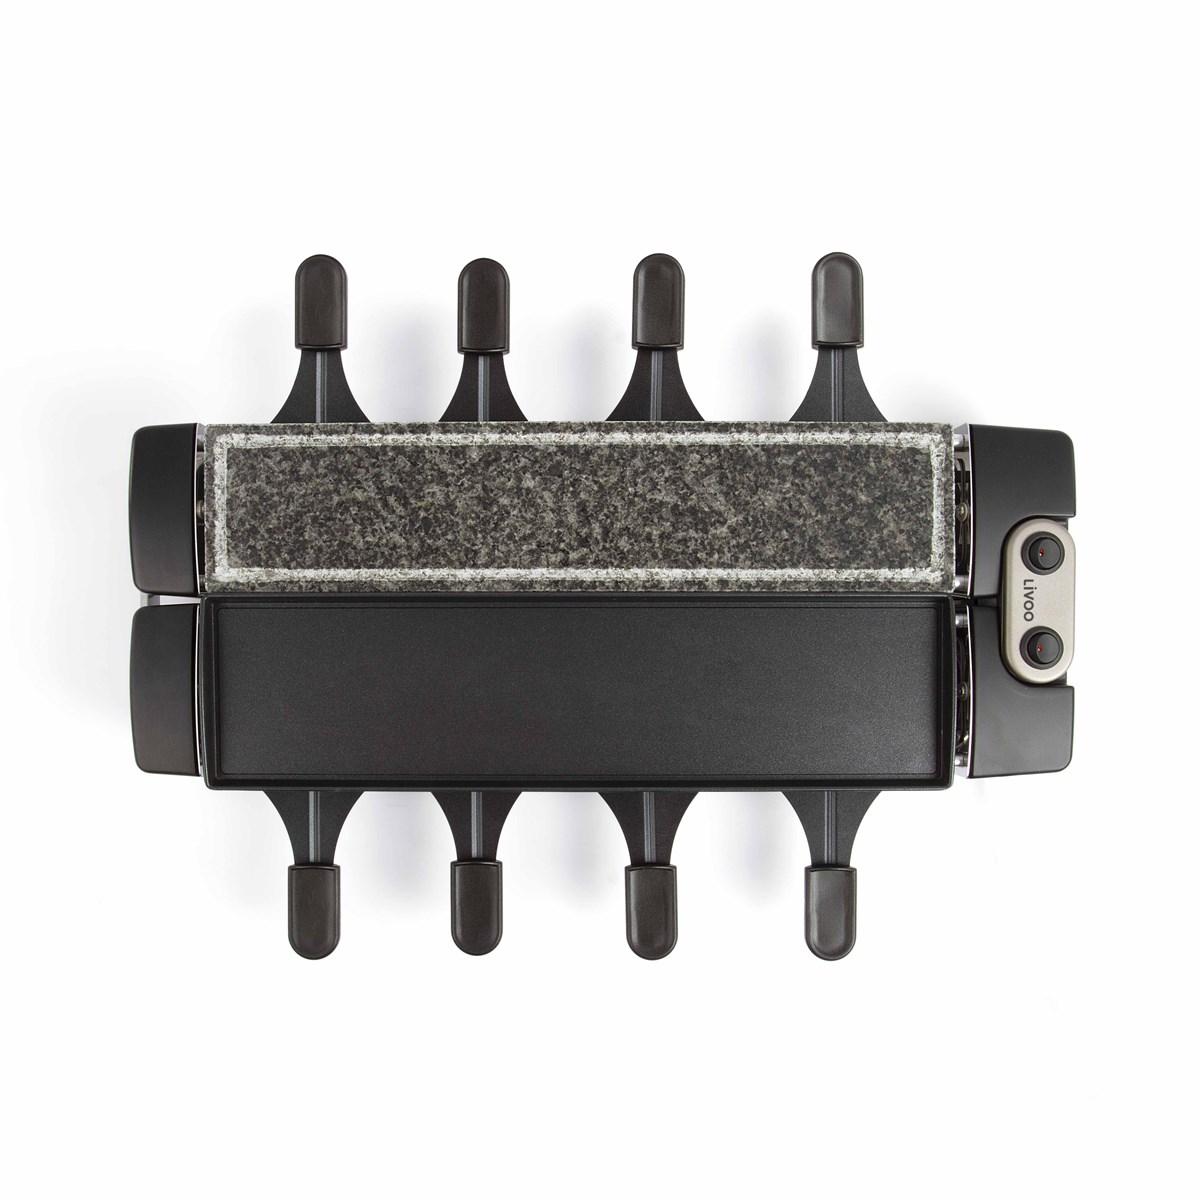 Appareil à raclette et gril modulable en aluminium noir